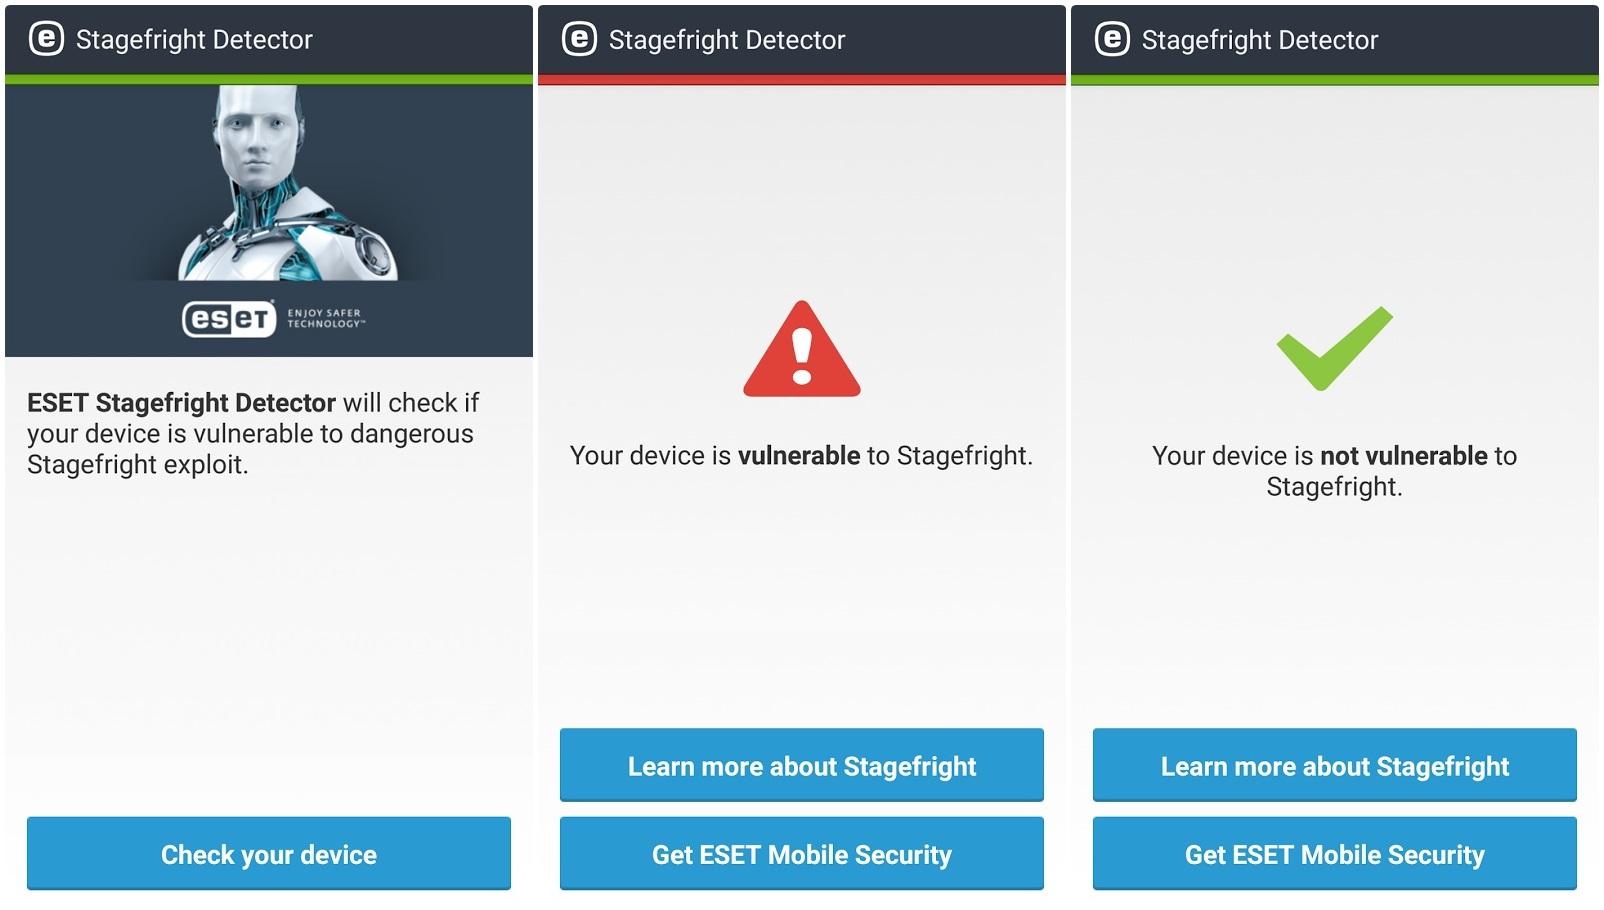 تطبيق ESET Stagefright Detector مكافحة الفيروسات